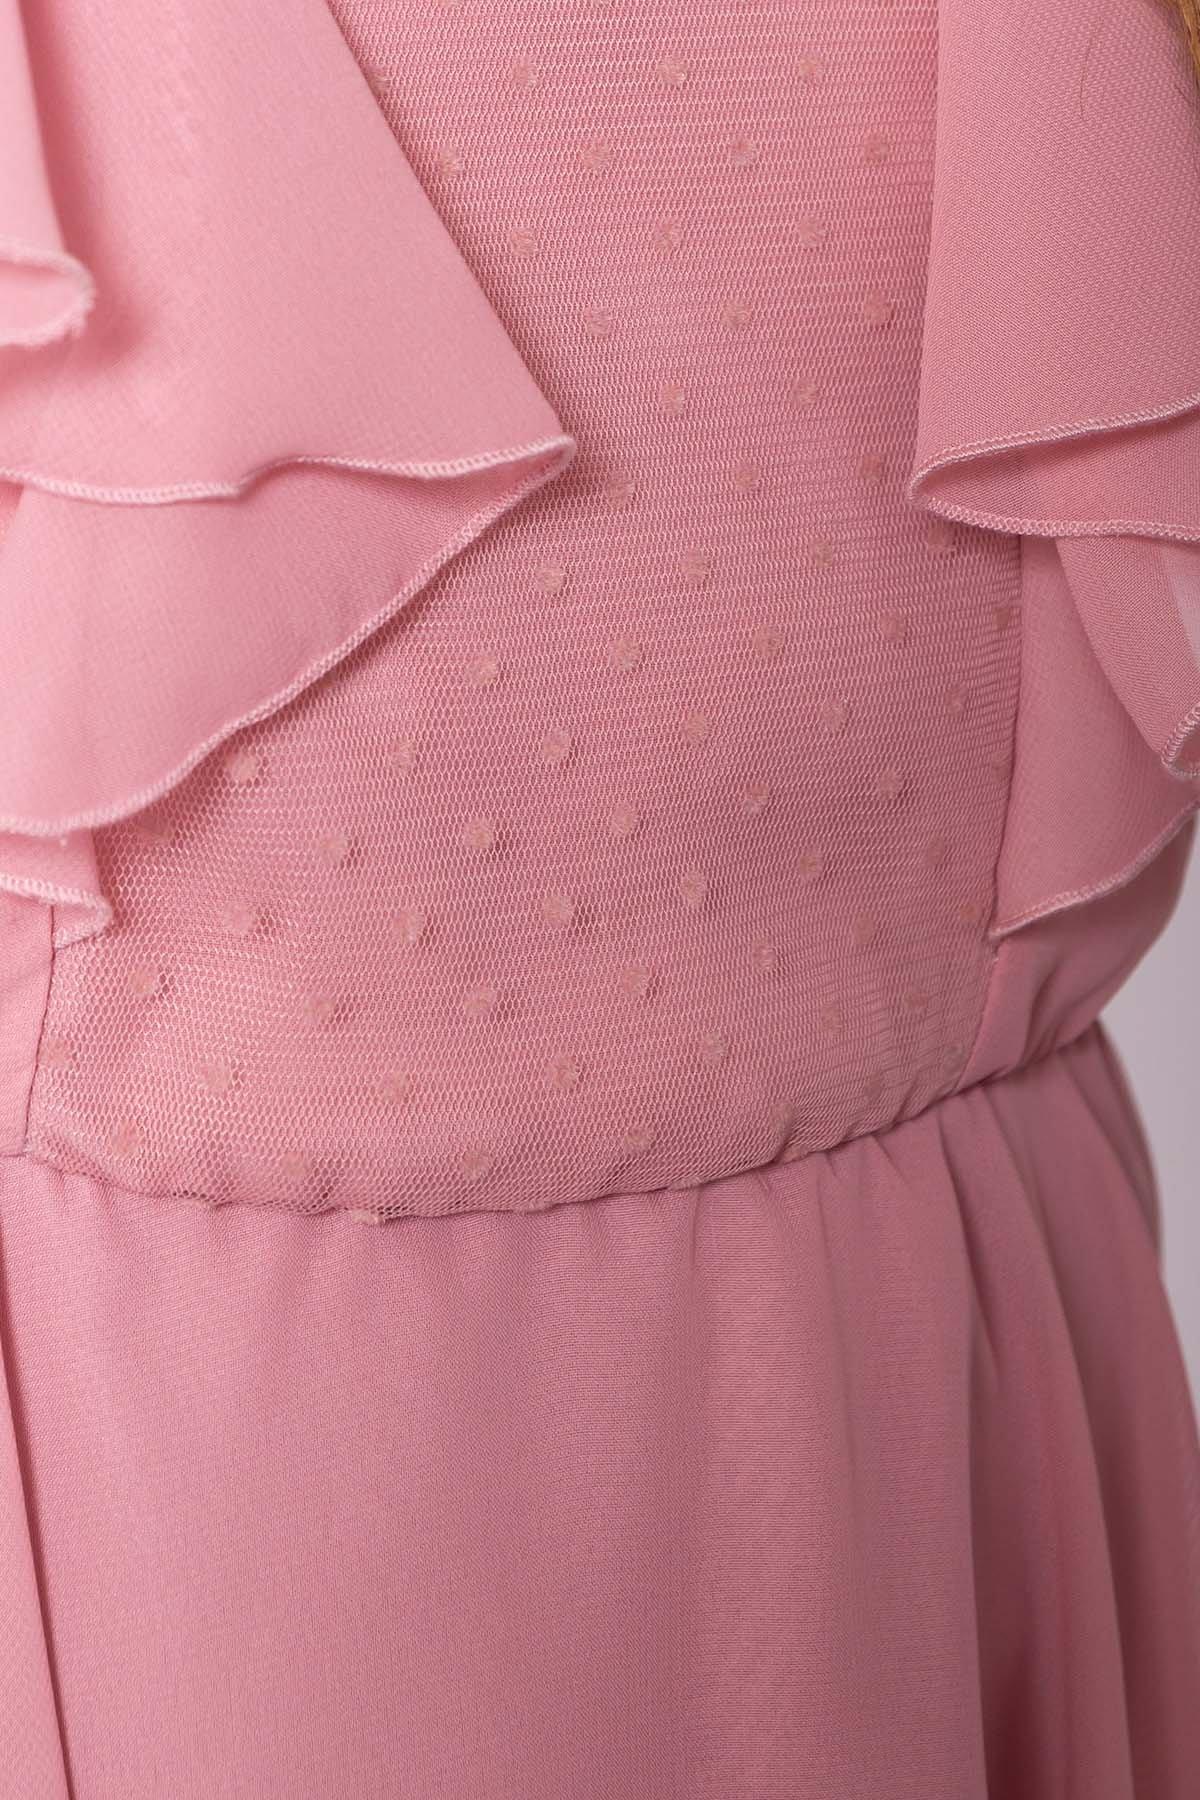 Платье Дали 6992 АРТ. 42792 Цвет: Пудра 4 - фото 4, интернет магазин tm-modus.ru